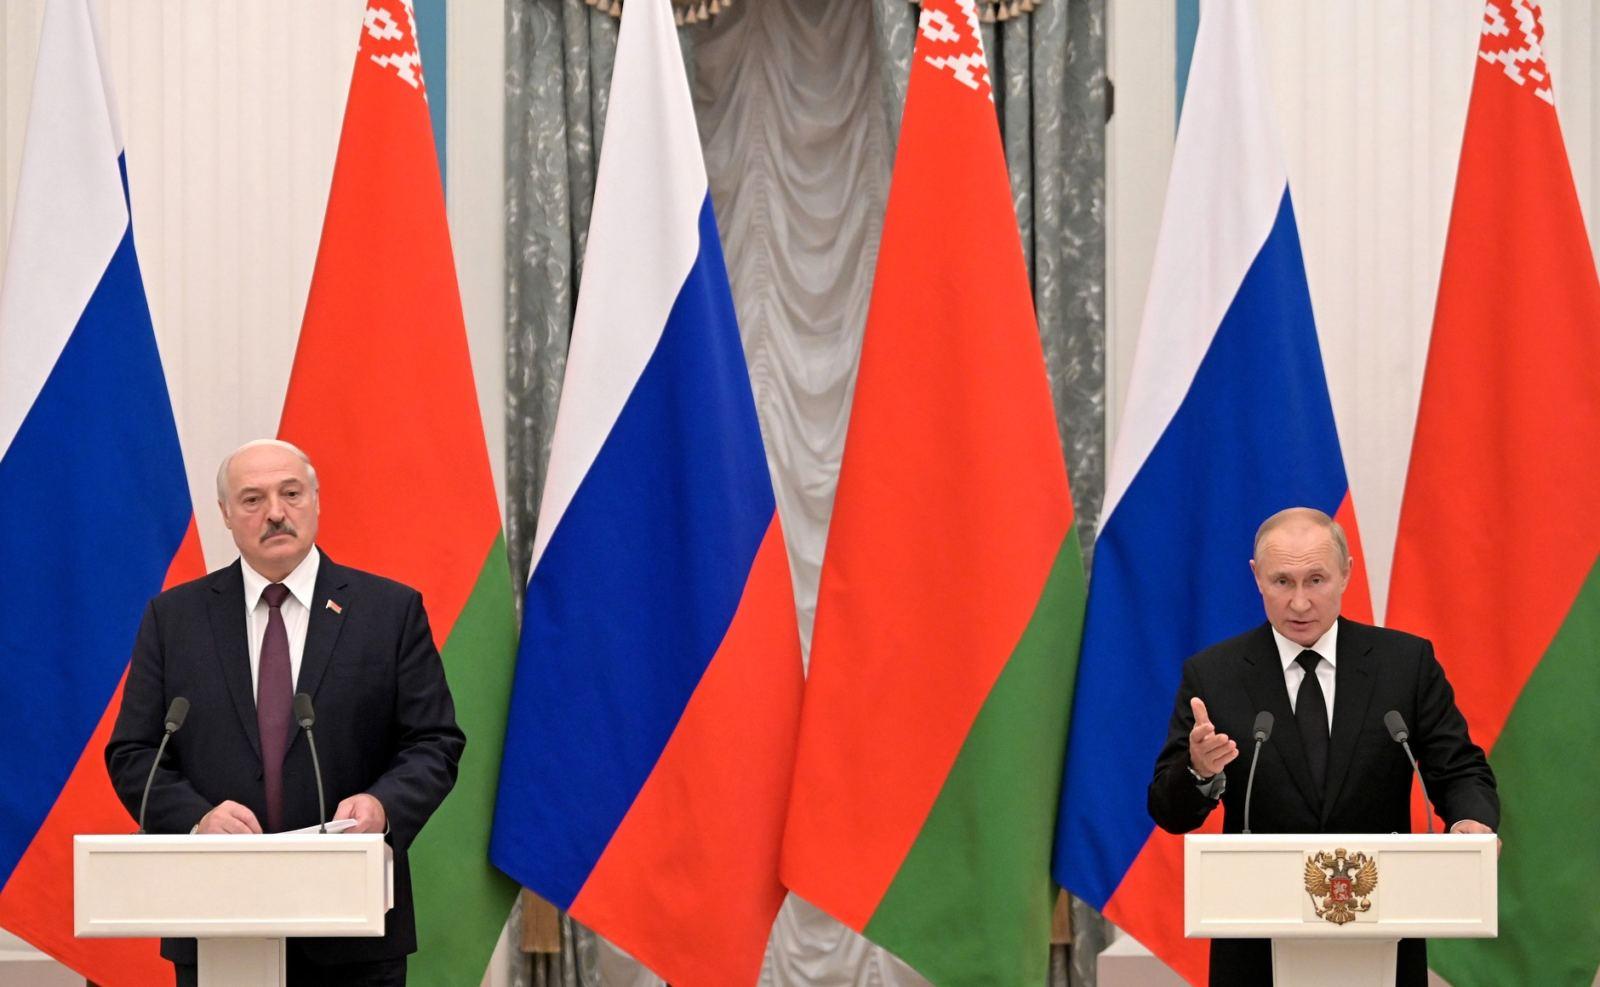 poetin-en-loekasjenko-over-de-integratie-van-hun-staten-en-het-westerse-beleid